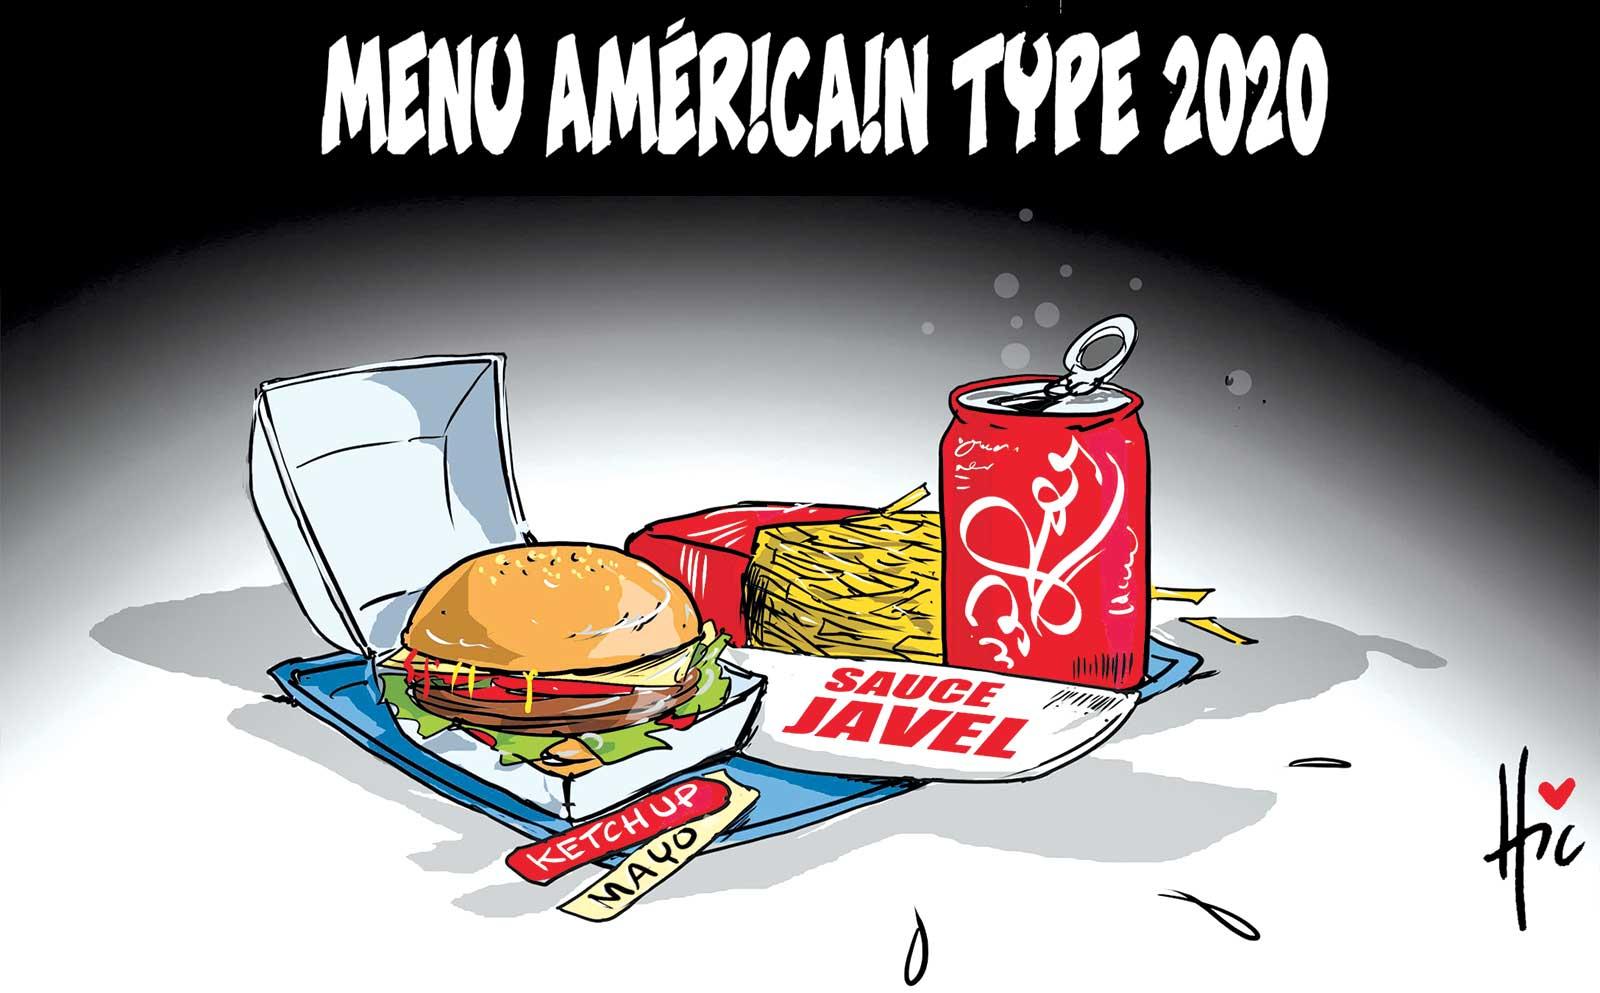 Menu américain type 2020 - Dessins et Caricatures, Le Hic - El Watan - Gagdz.com